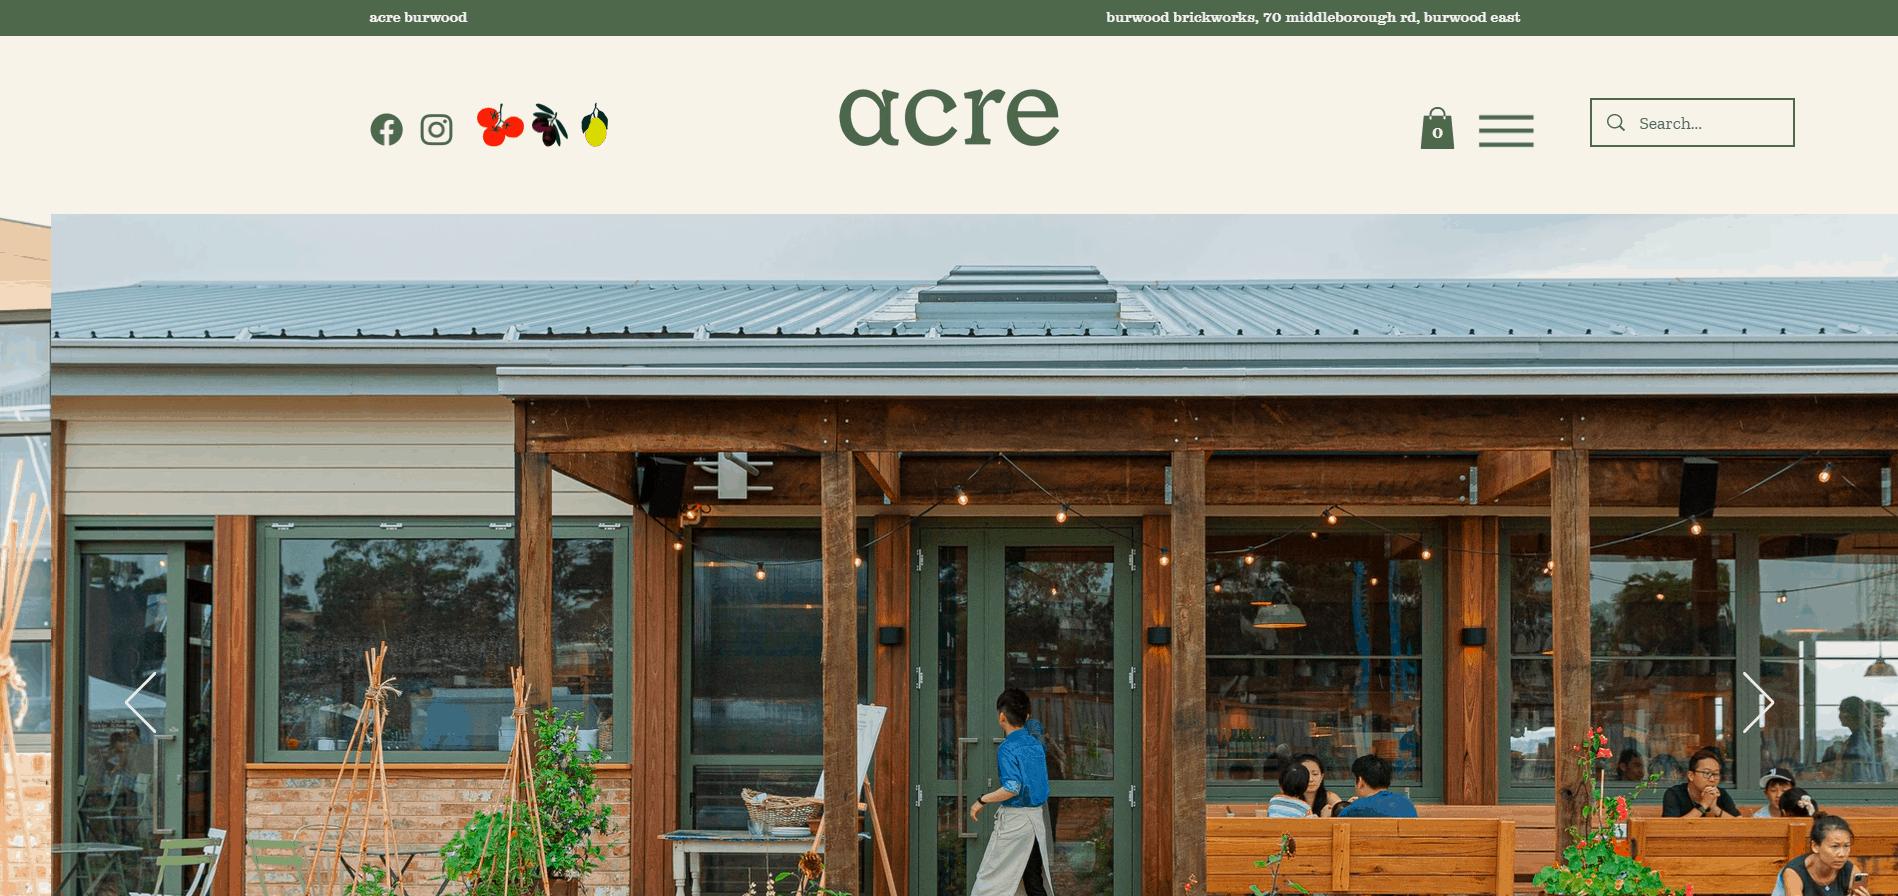 Acre Farm Eatery